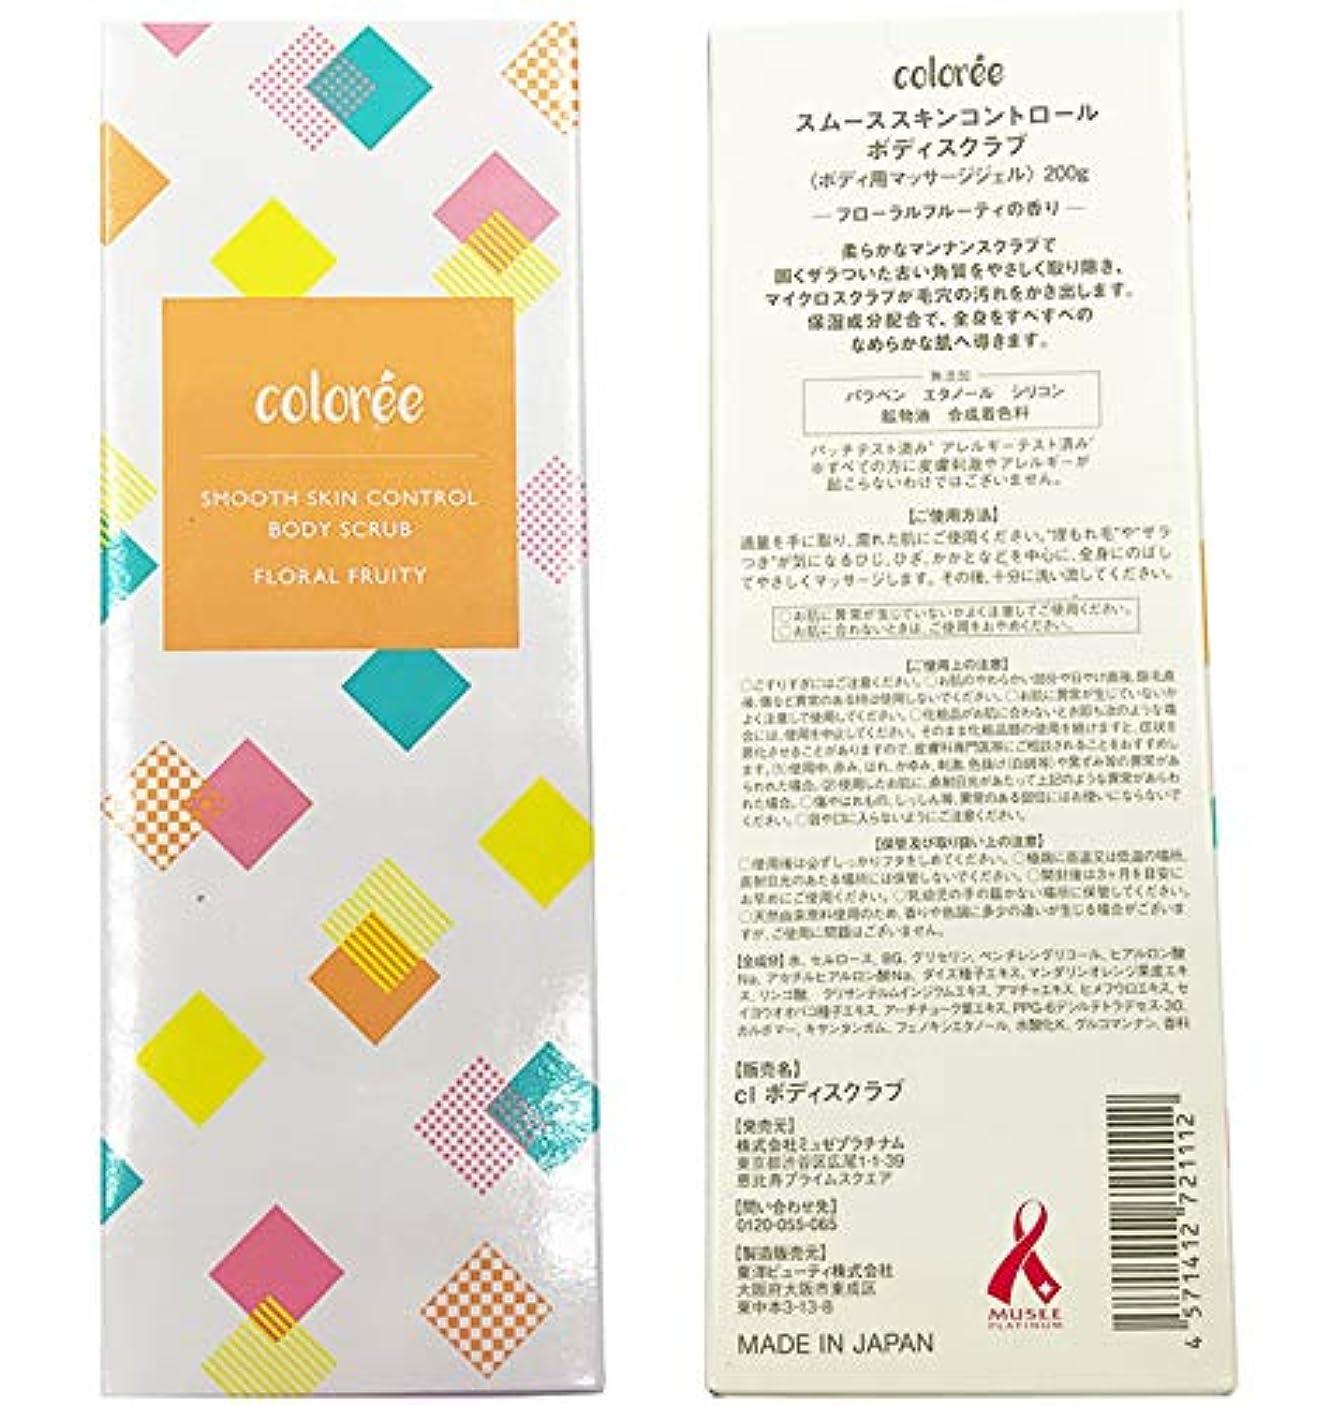 家具デモンストレーション拳ミュゼプラチナム coloree スムーススキンコントロール ボディスクラブ (フローラルフルーティの香り) 200g